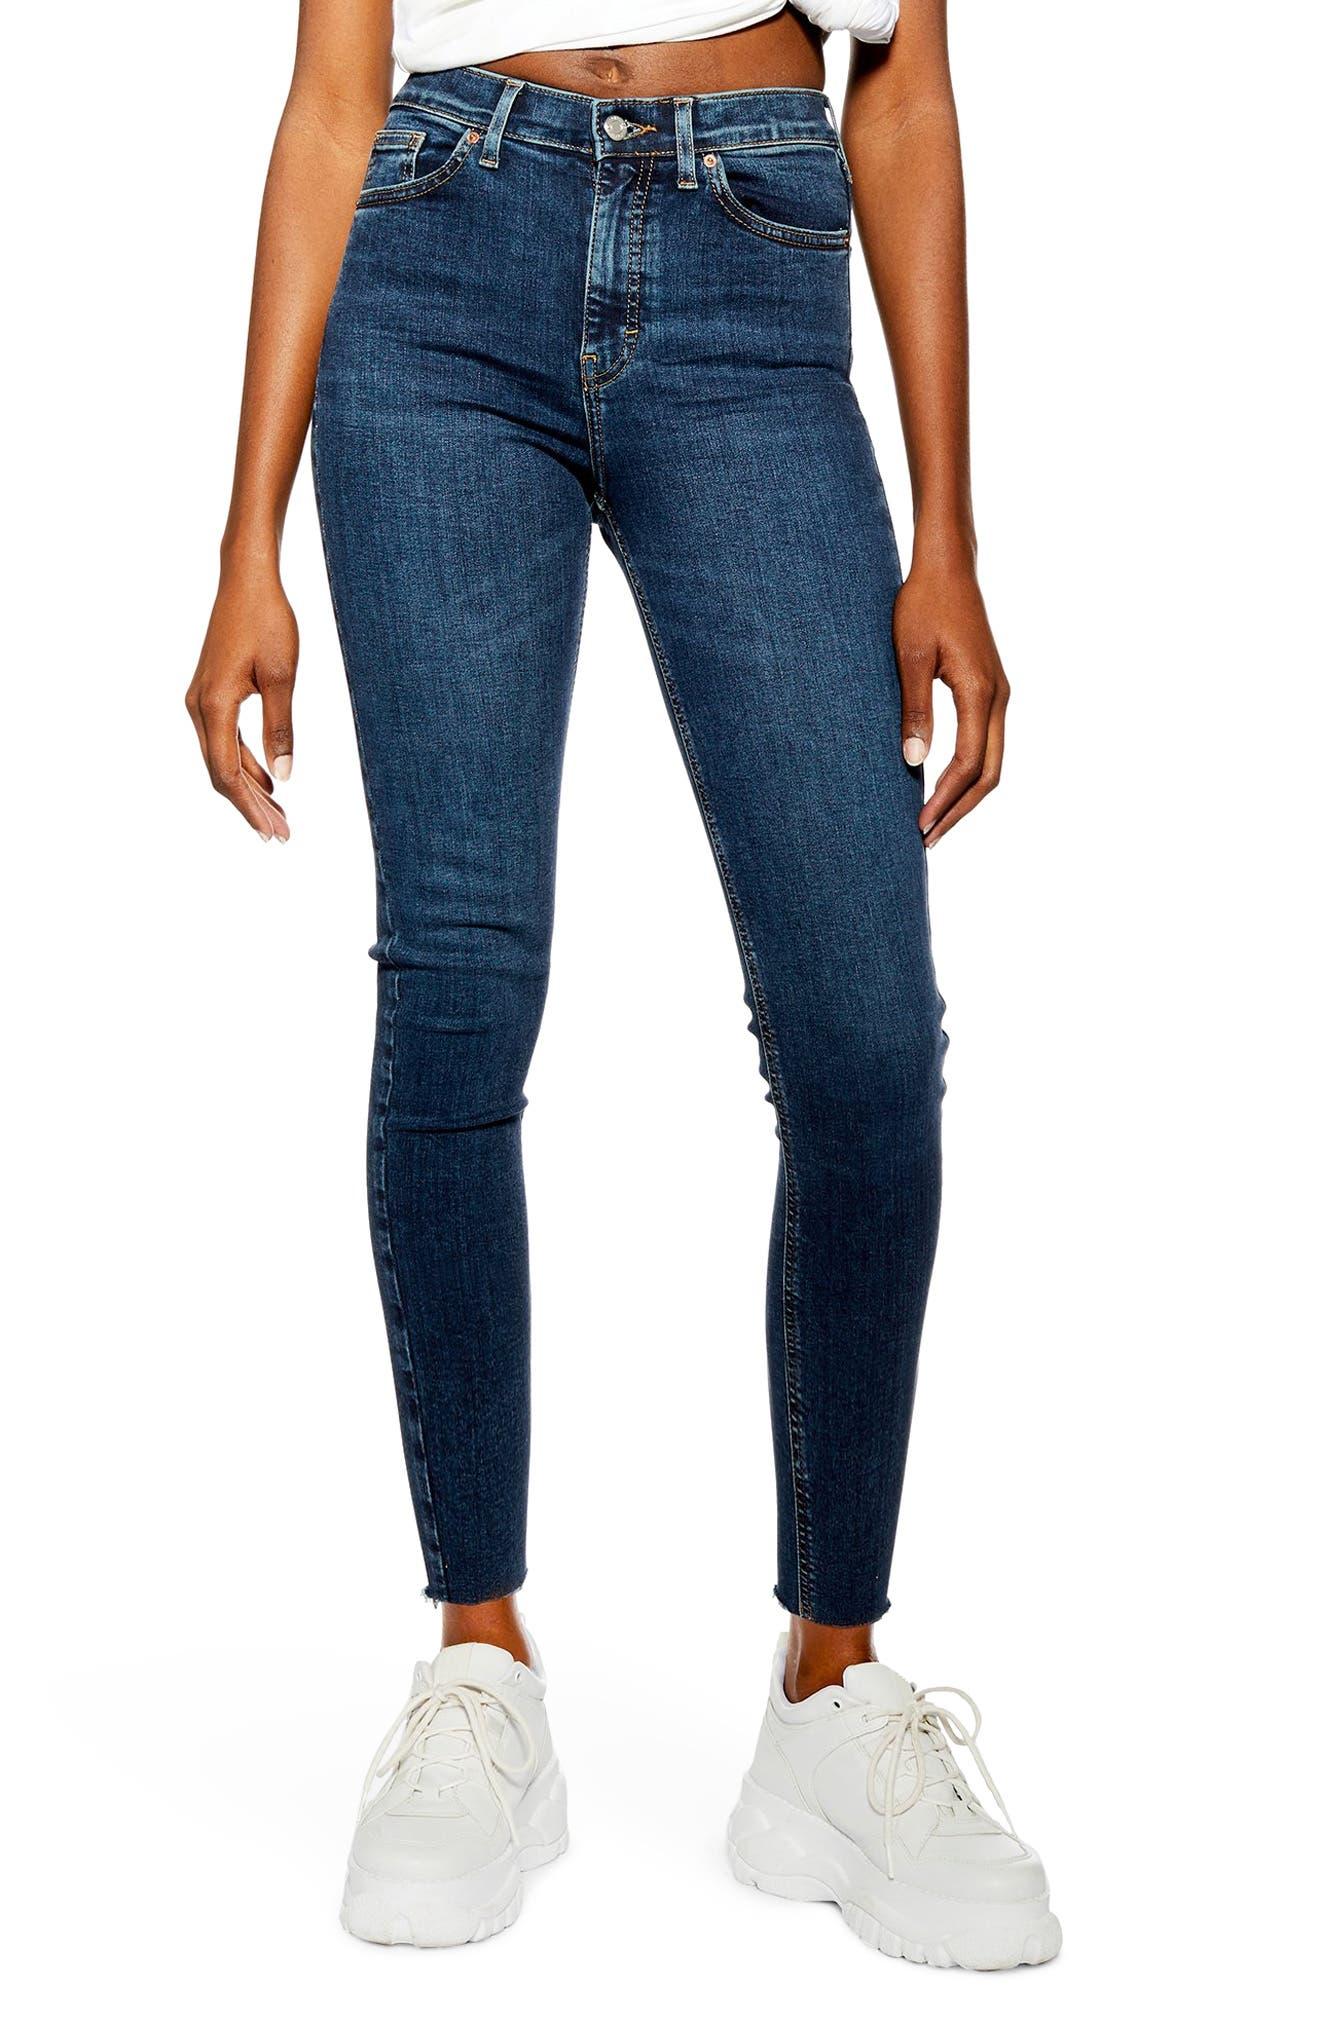 TOPSHOP, Jamie Vintage Jeans, Main thumbnail 1, color, INDIGO